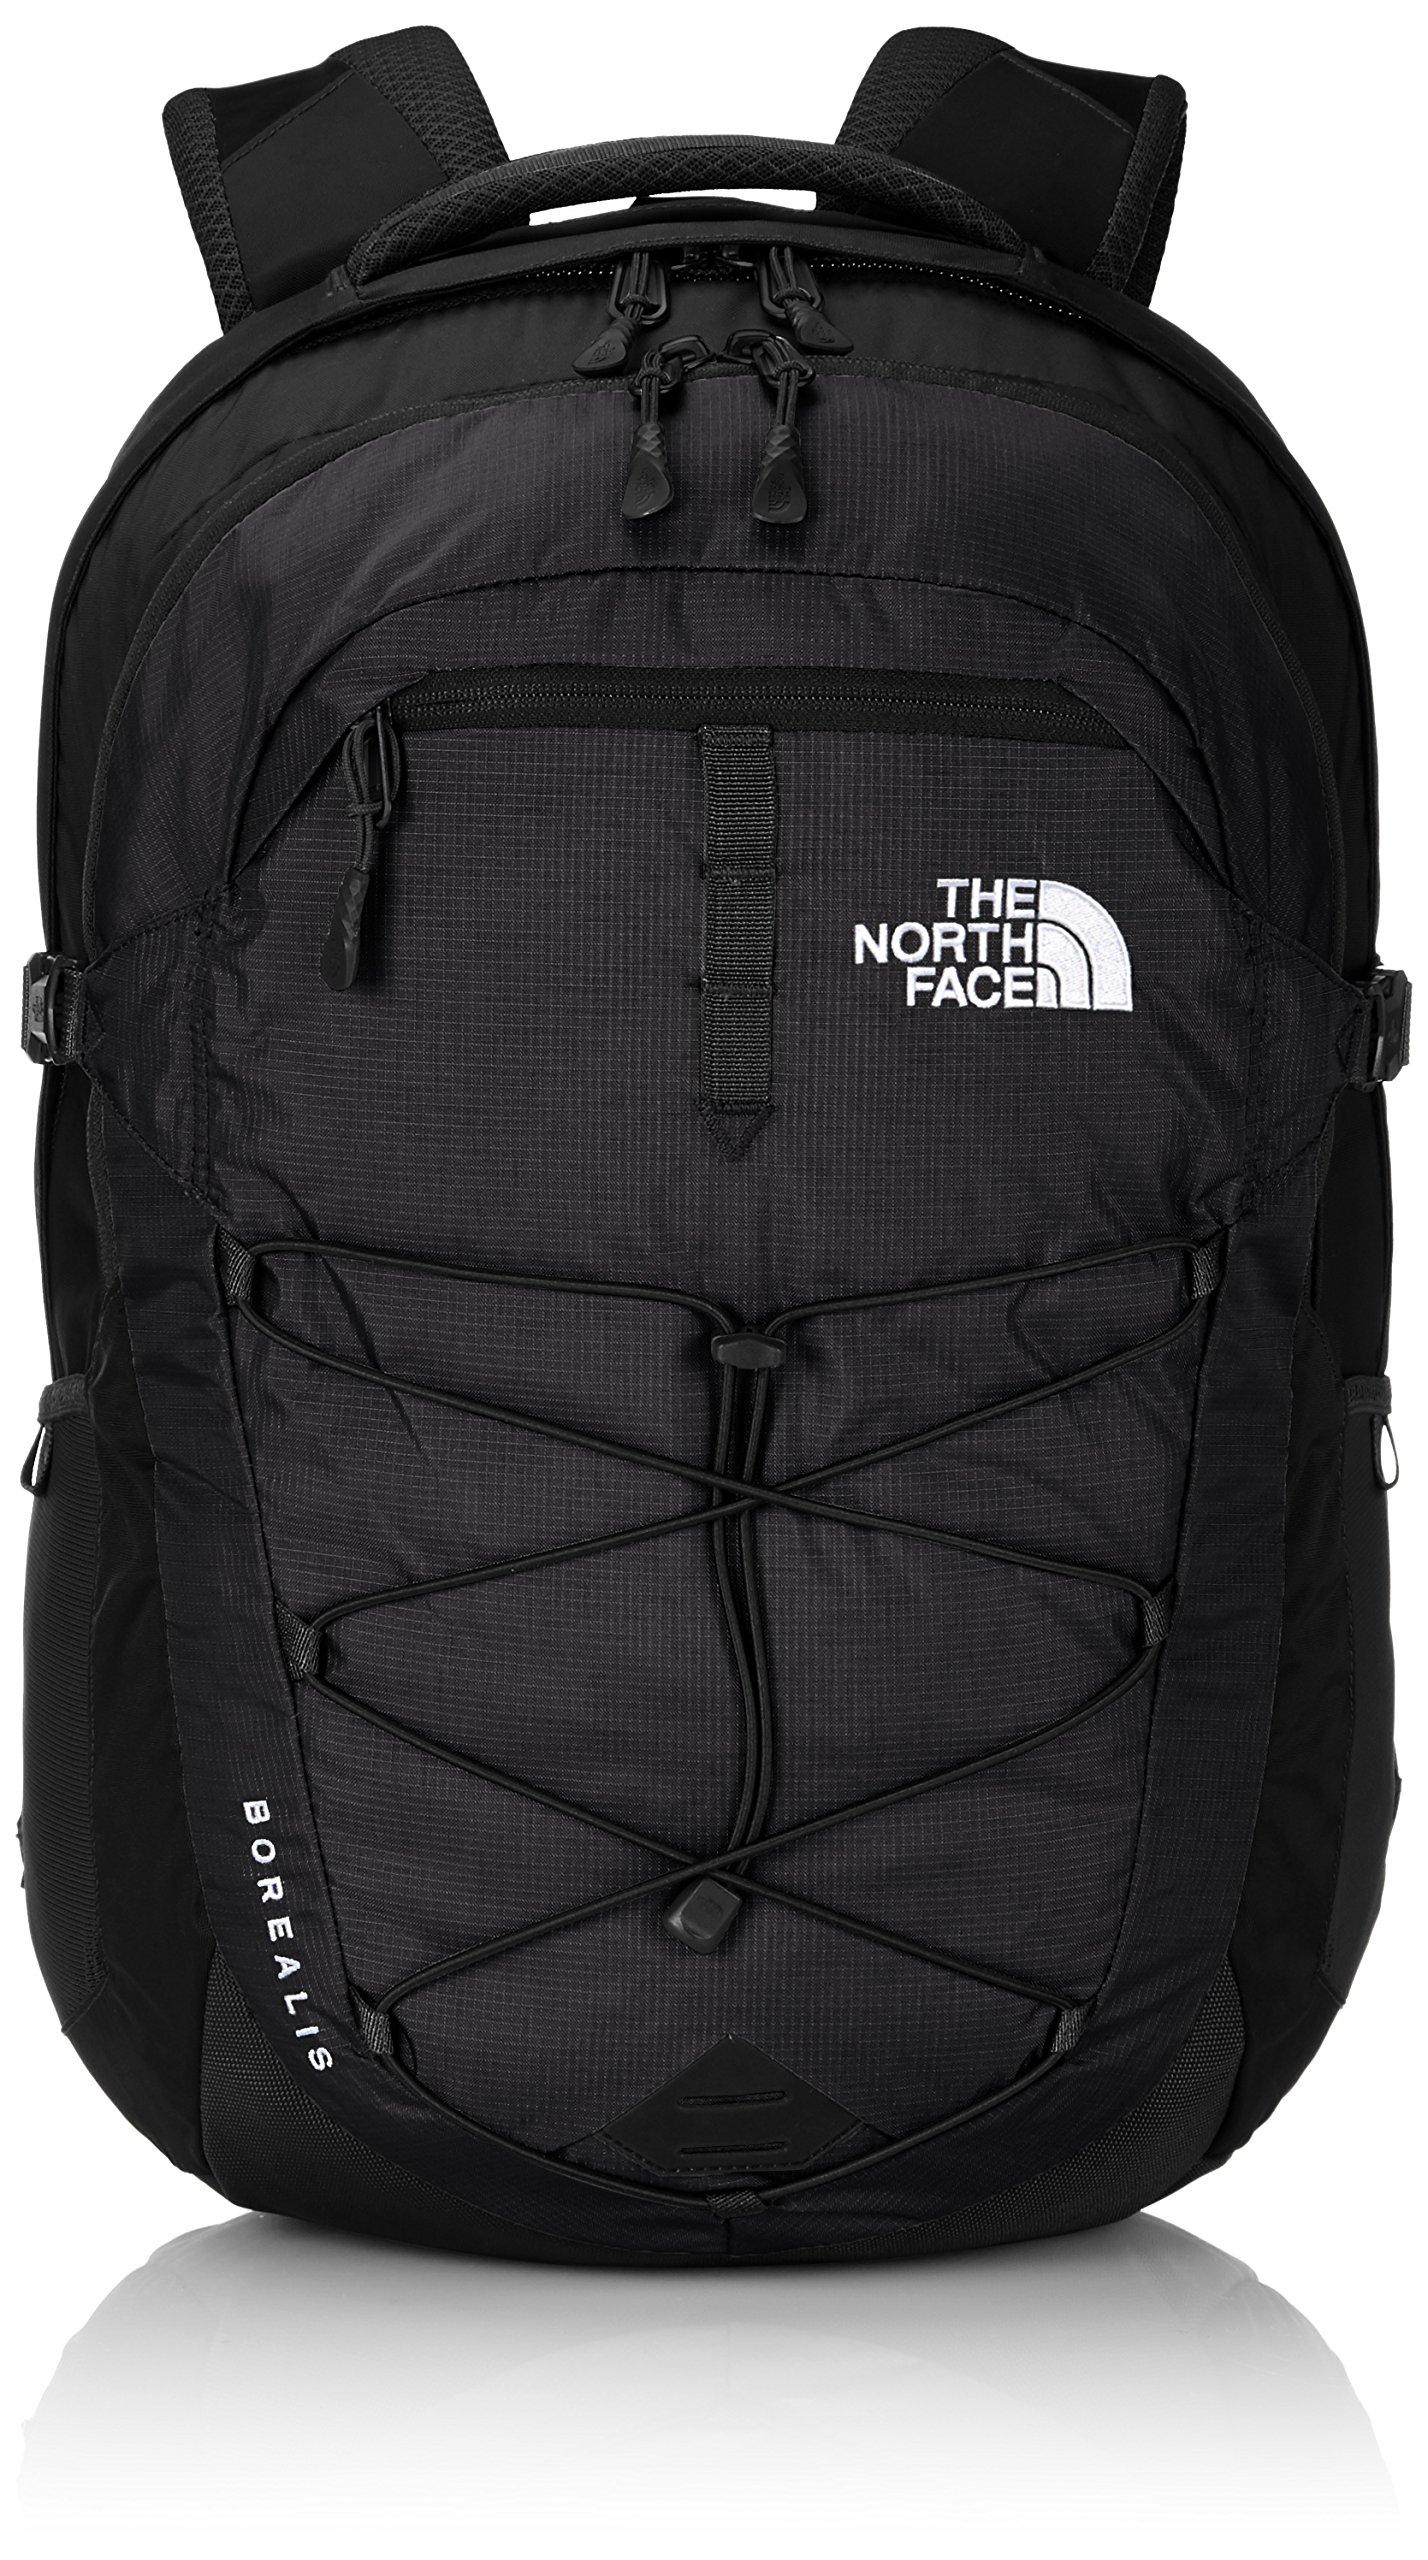 d351b20952 The North Face, Borealis, Zaino, Unisex adulto, Nero, Taglia Unica product